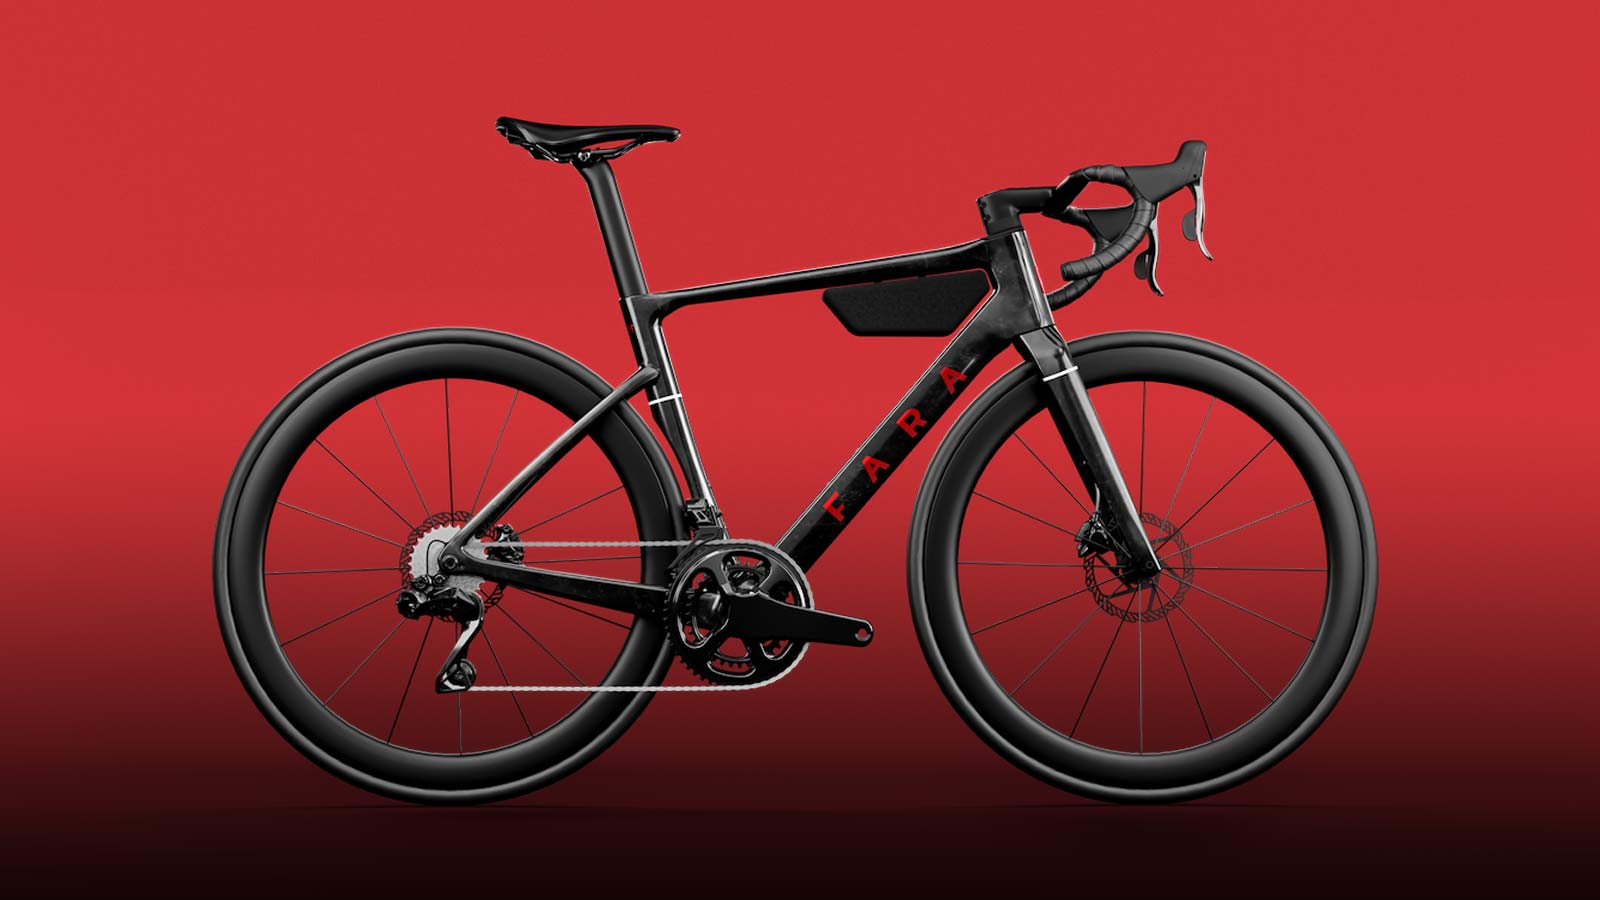 La bici da corsa aerodinamica Fara F-RD endurance va lontano, veloce…